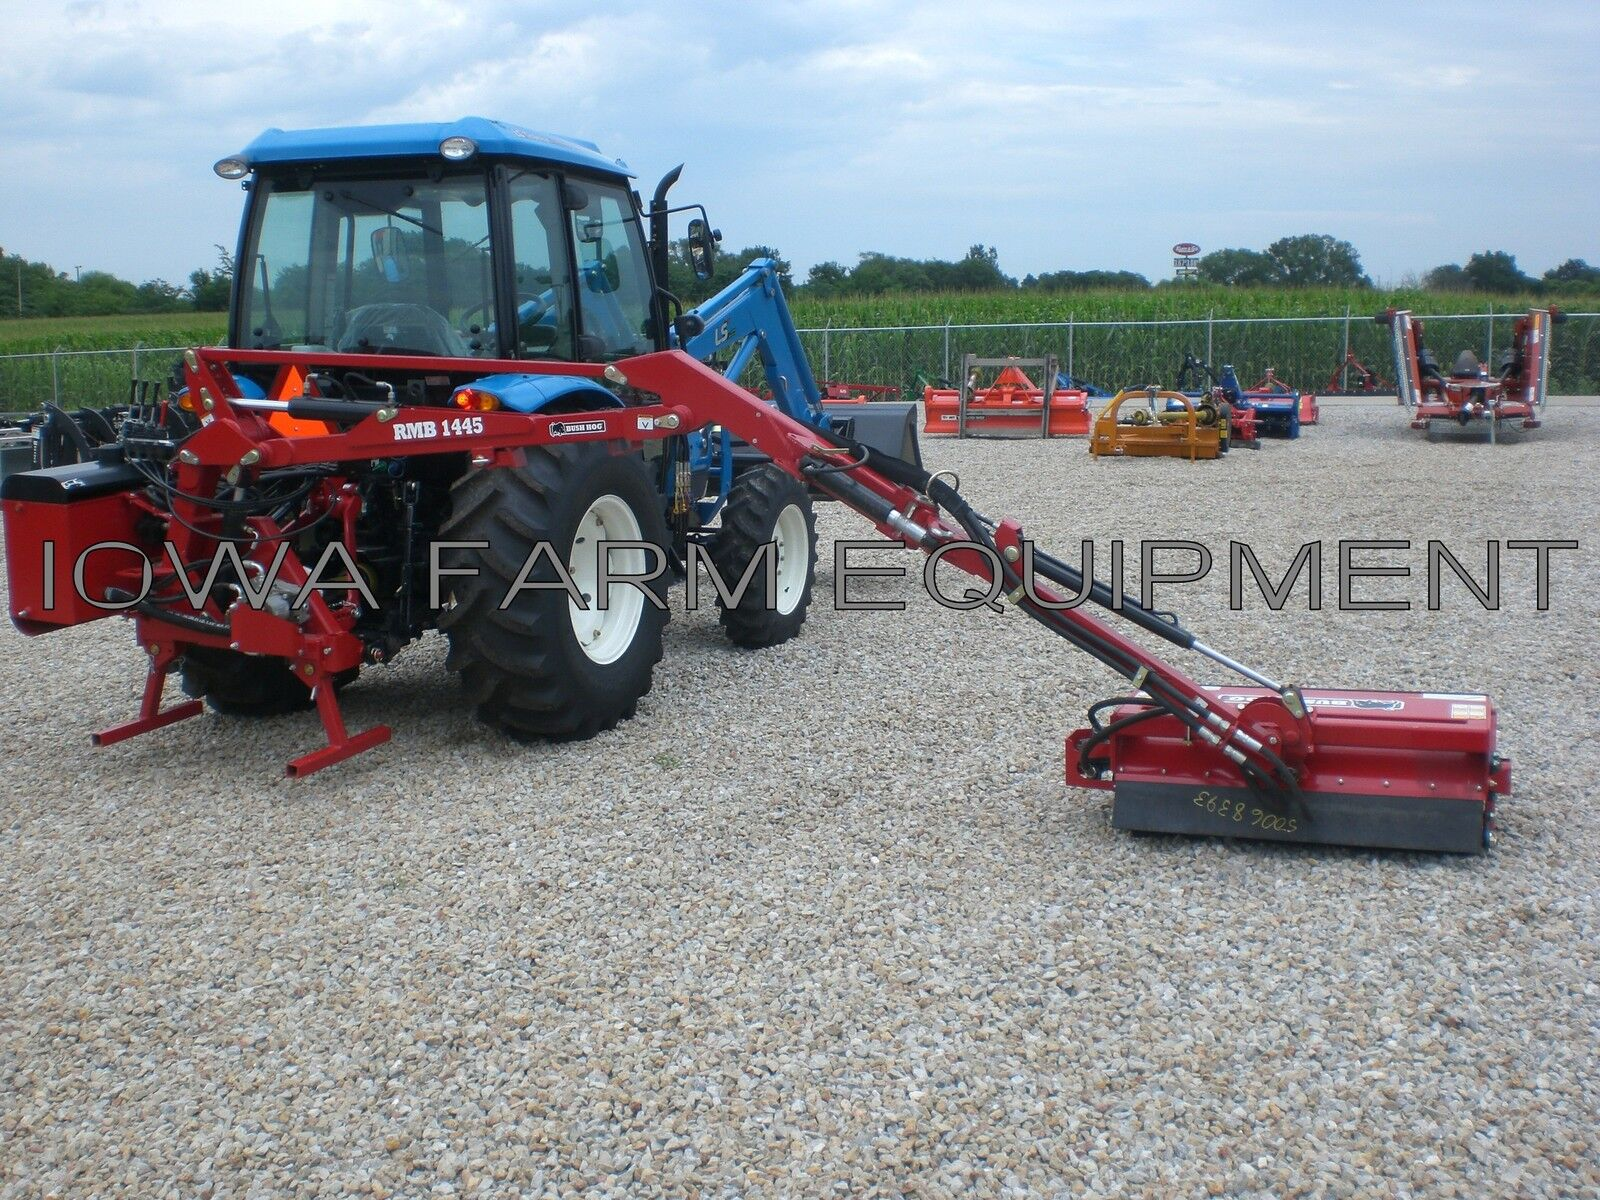 Flail Boom Mower: Bush Hog Rmb1445-1, Tractor 3-pt,pto Powered,39 Cut,14' Reach